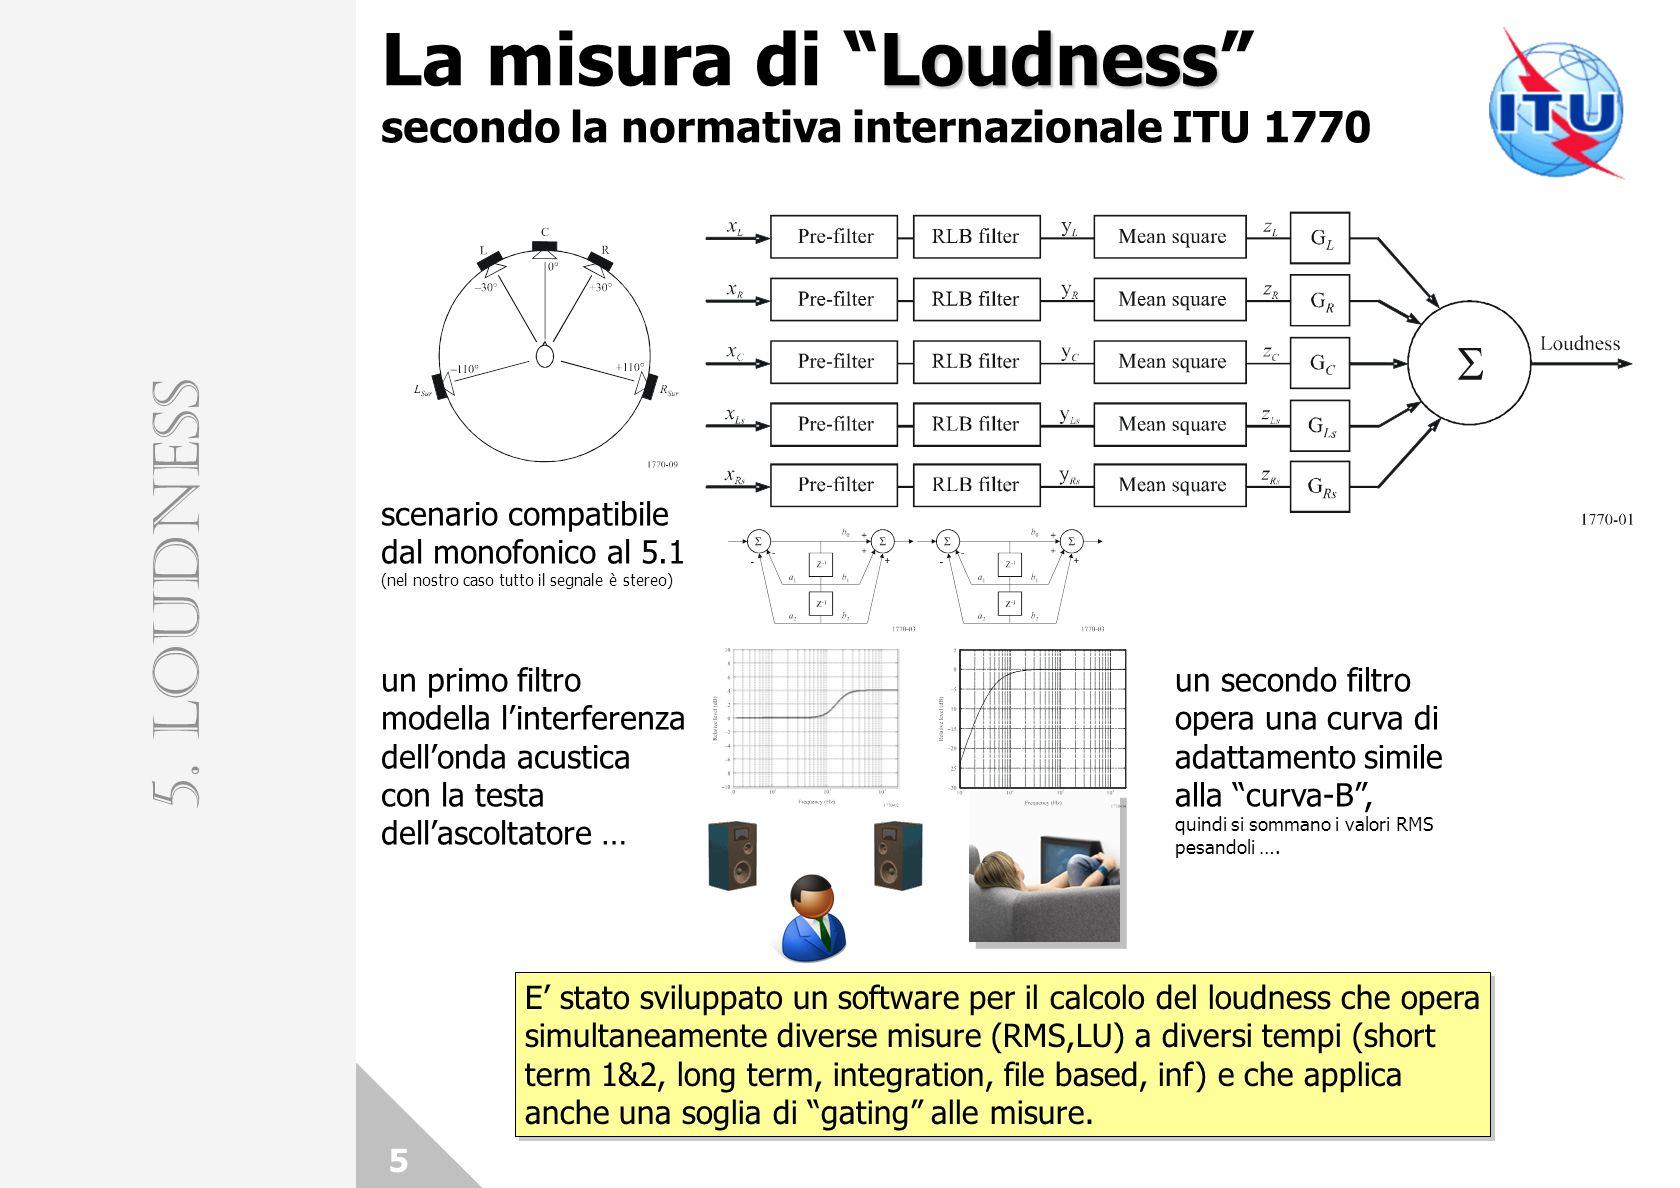 Loudness La misura di Loudness secondo la normativa internazionale ITU 1770 5 scenario compatibile dal monofonico al 5.1 (nel nostro caso tutto il segnale è stereo) un primo filtro modella linterferenza dellonda acustica con la testa dellascoltatore … un secondo filtro opera una curva di adattamento simile alla curva-B, quindi si sommano i valori RMS pesandoli ….